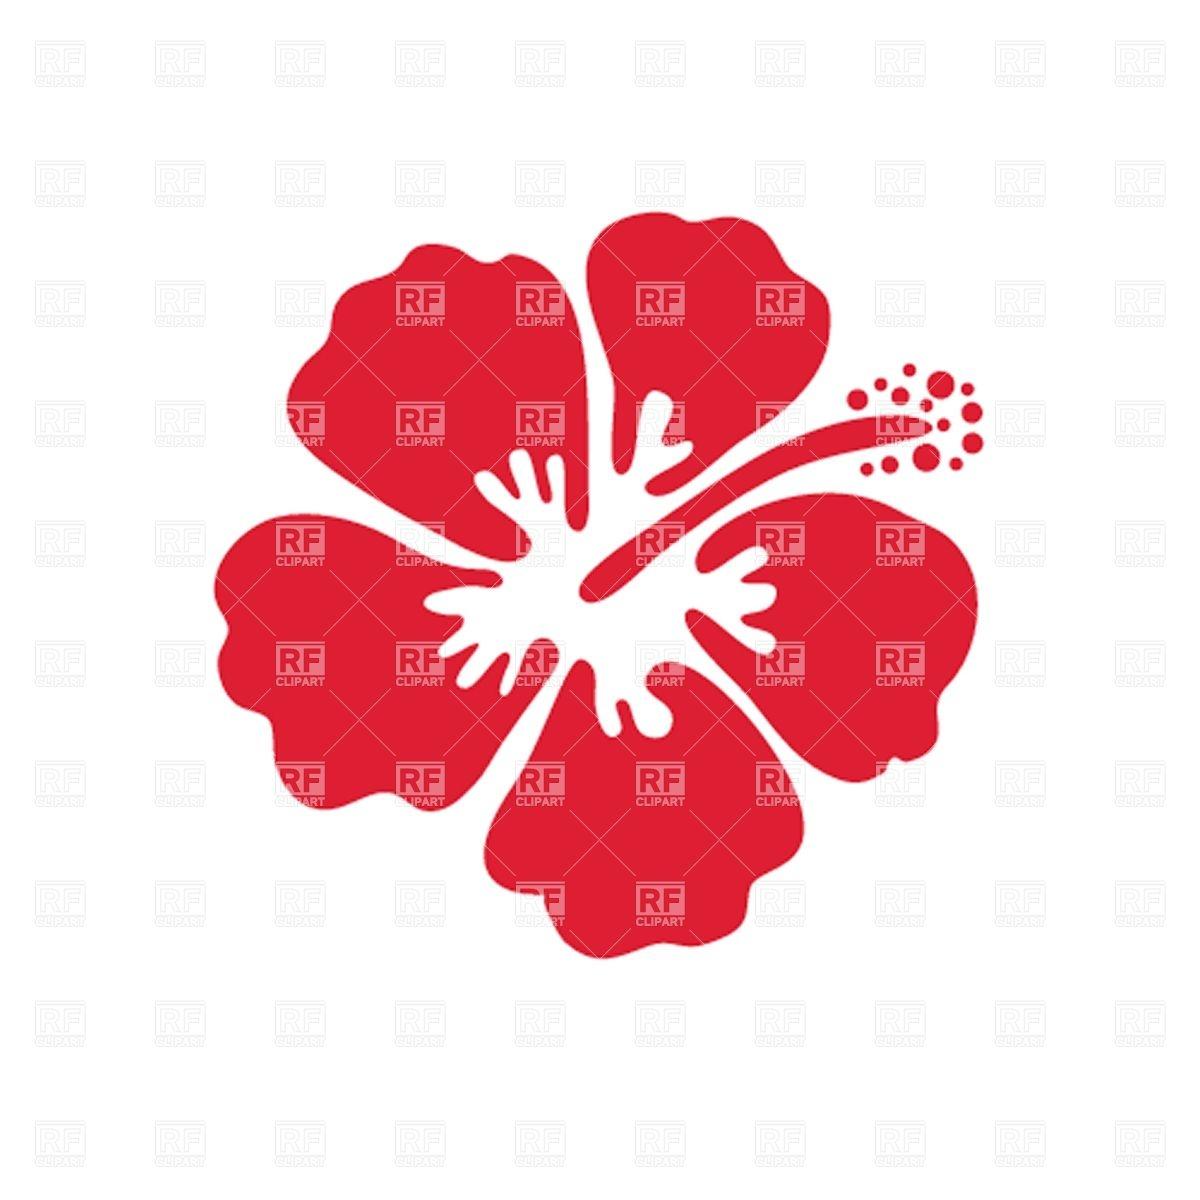 free vector graphic hibiscus - photo #36